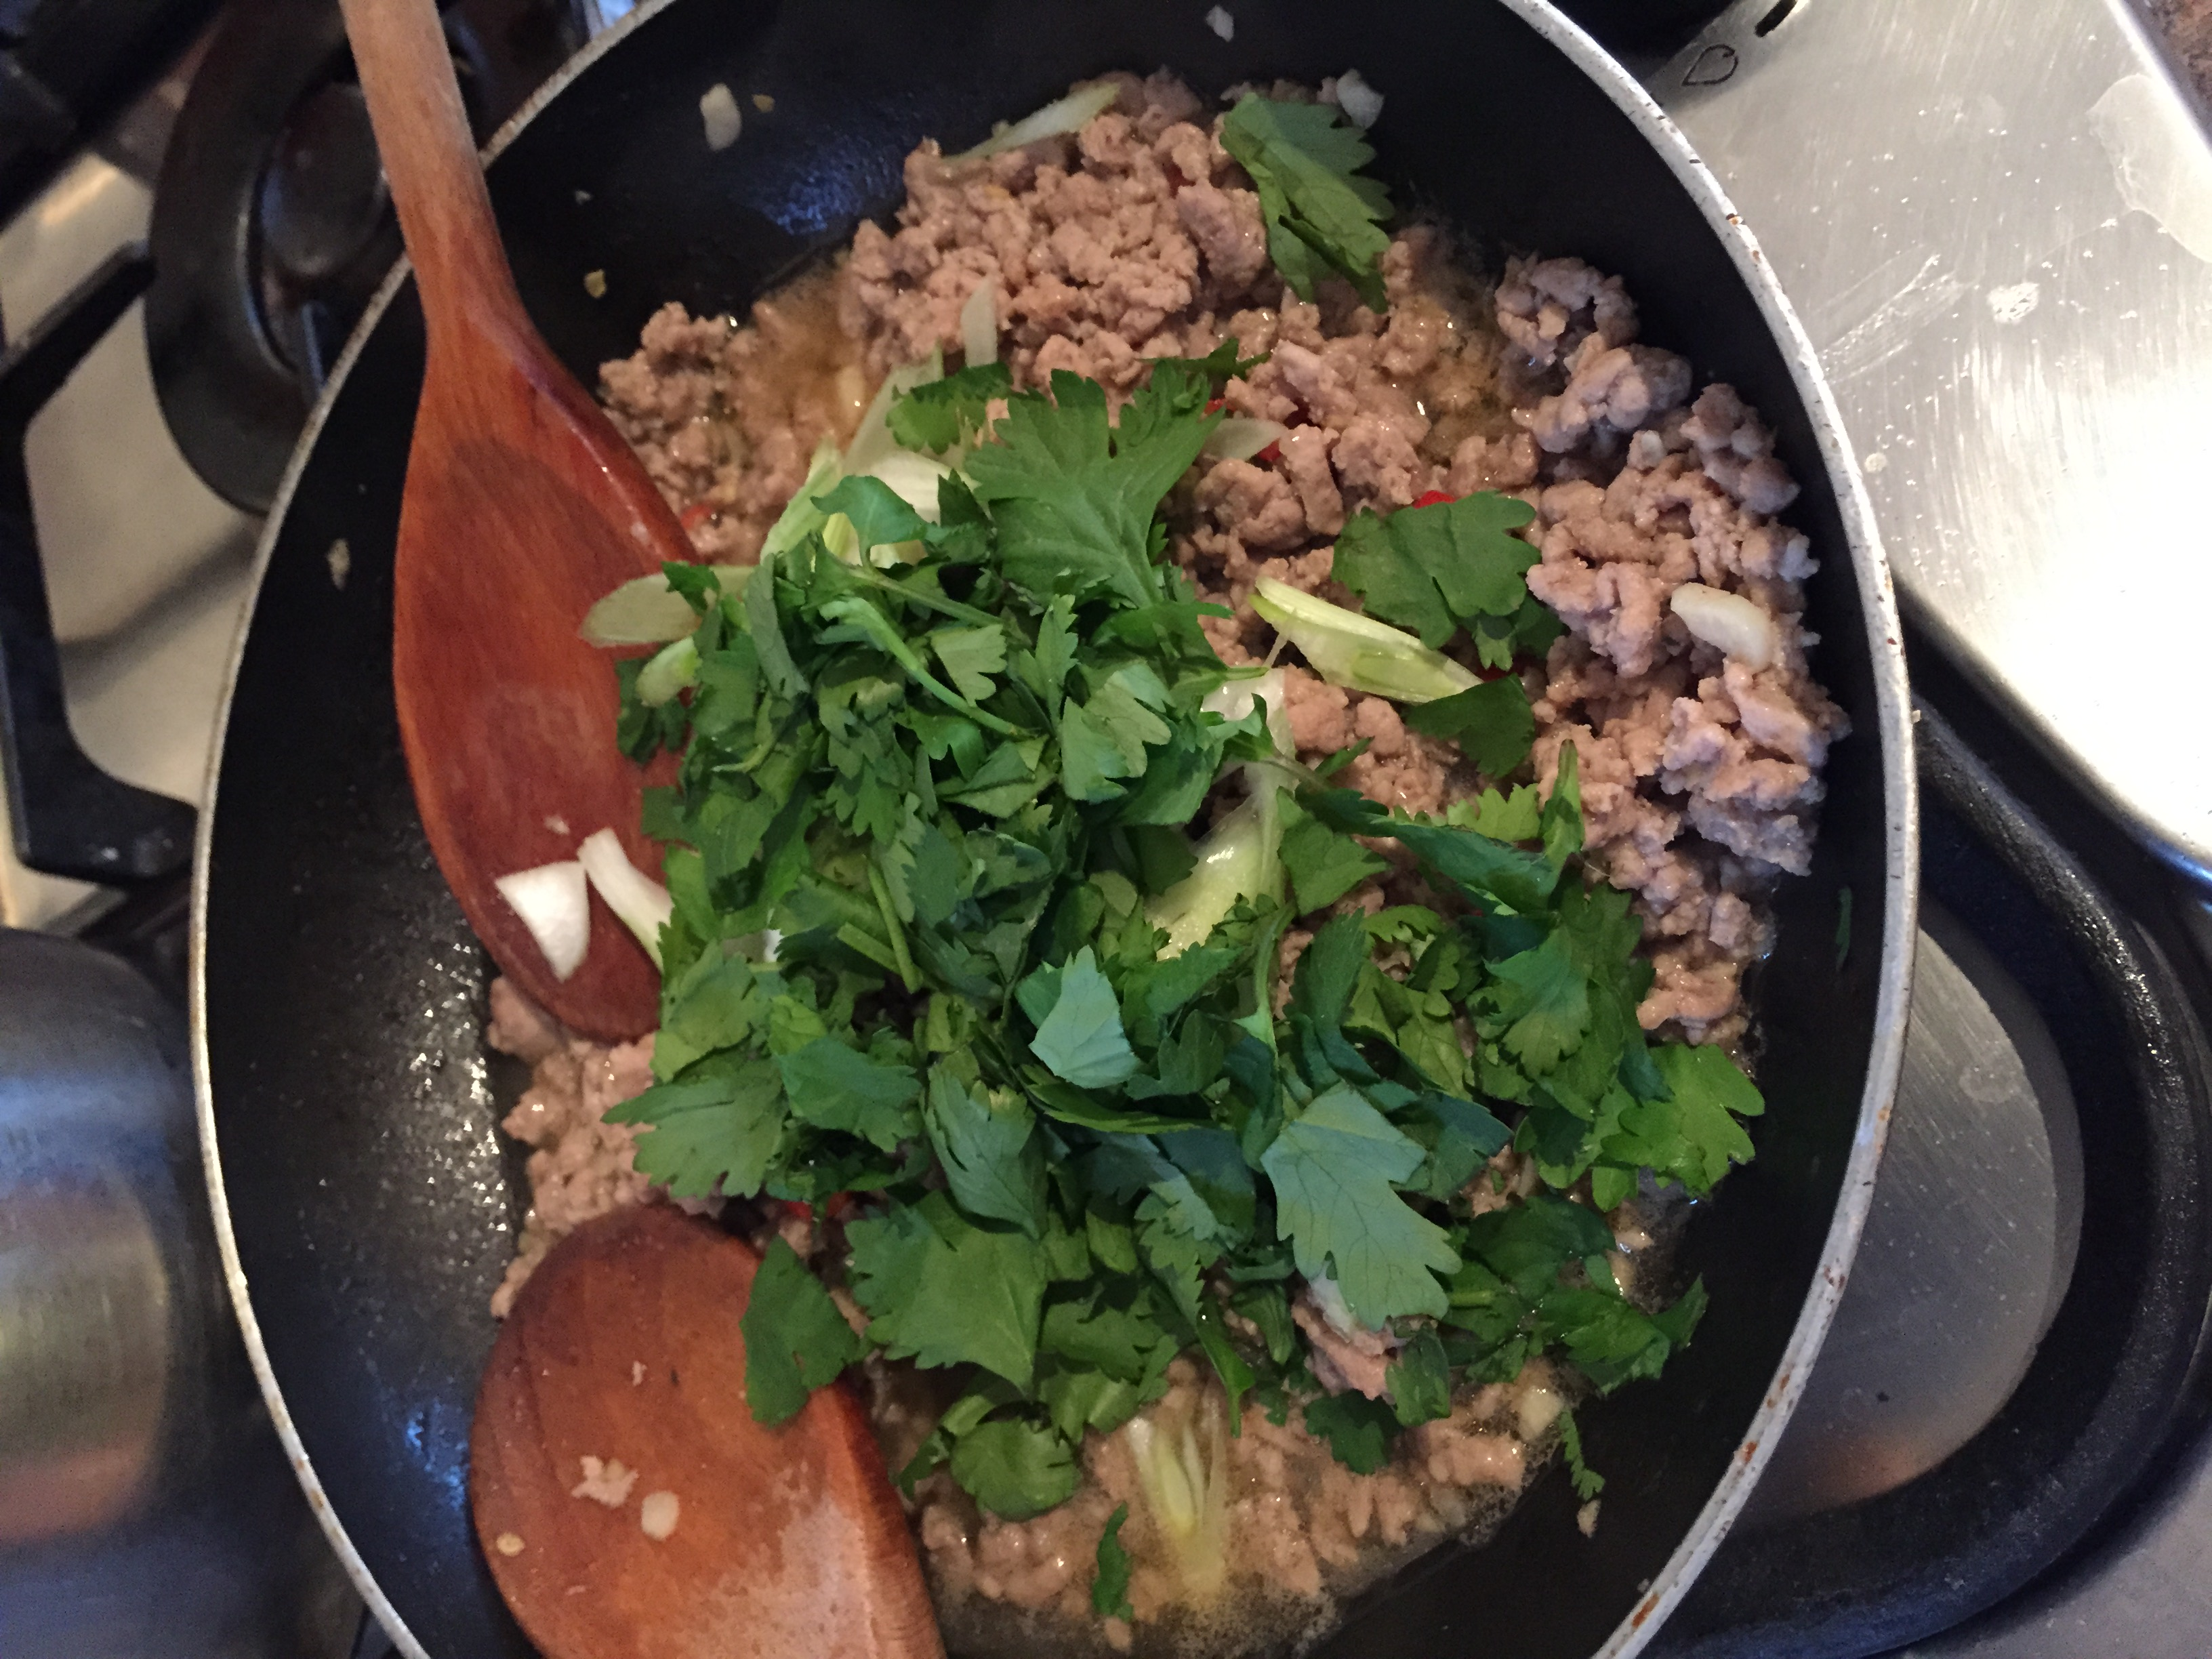 Rachel Walder The Tiniest Thai pork with chilli and garlic